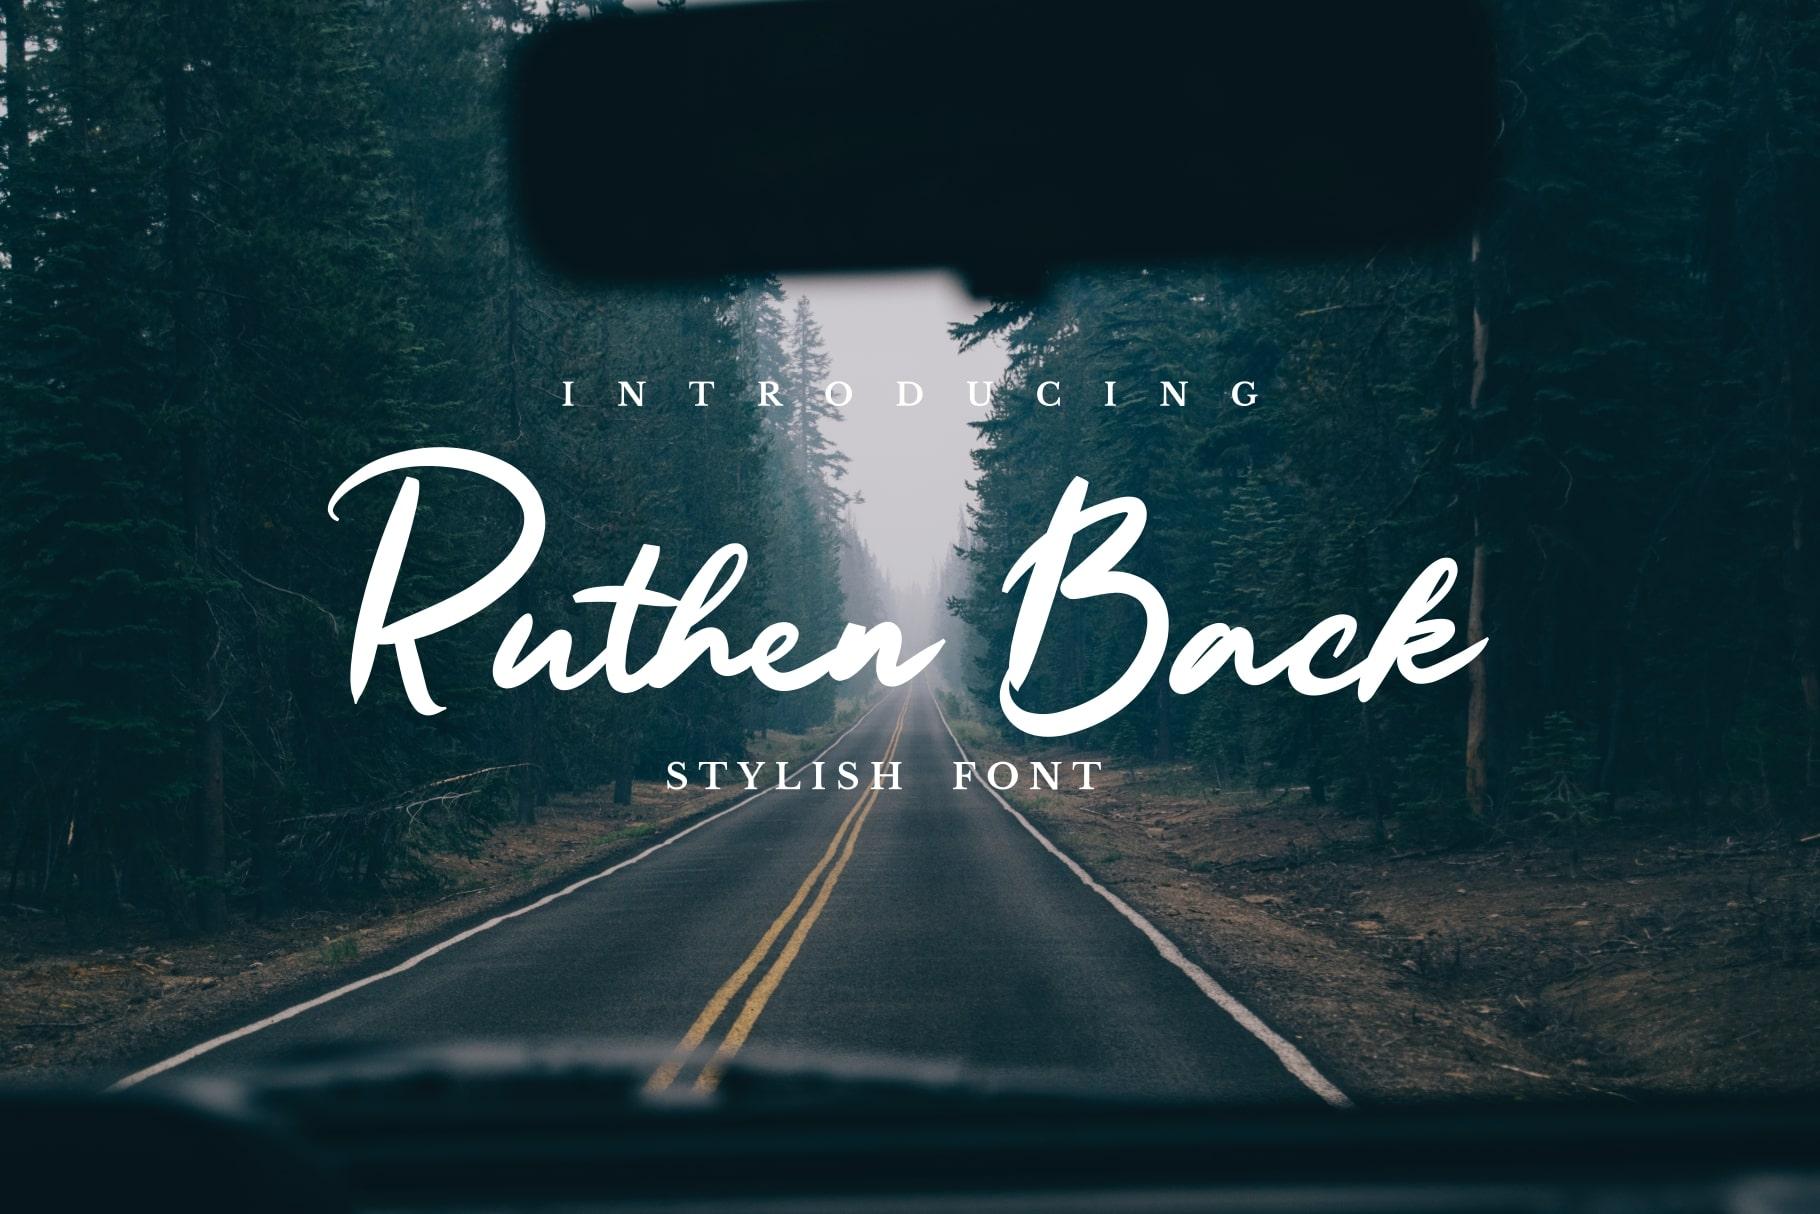 Ruthen Back - Stylish Font example image 1